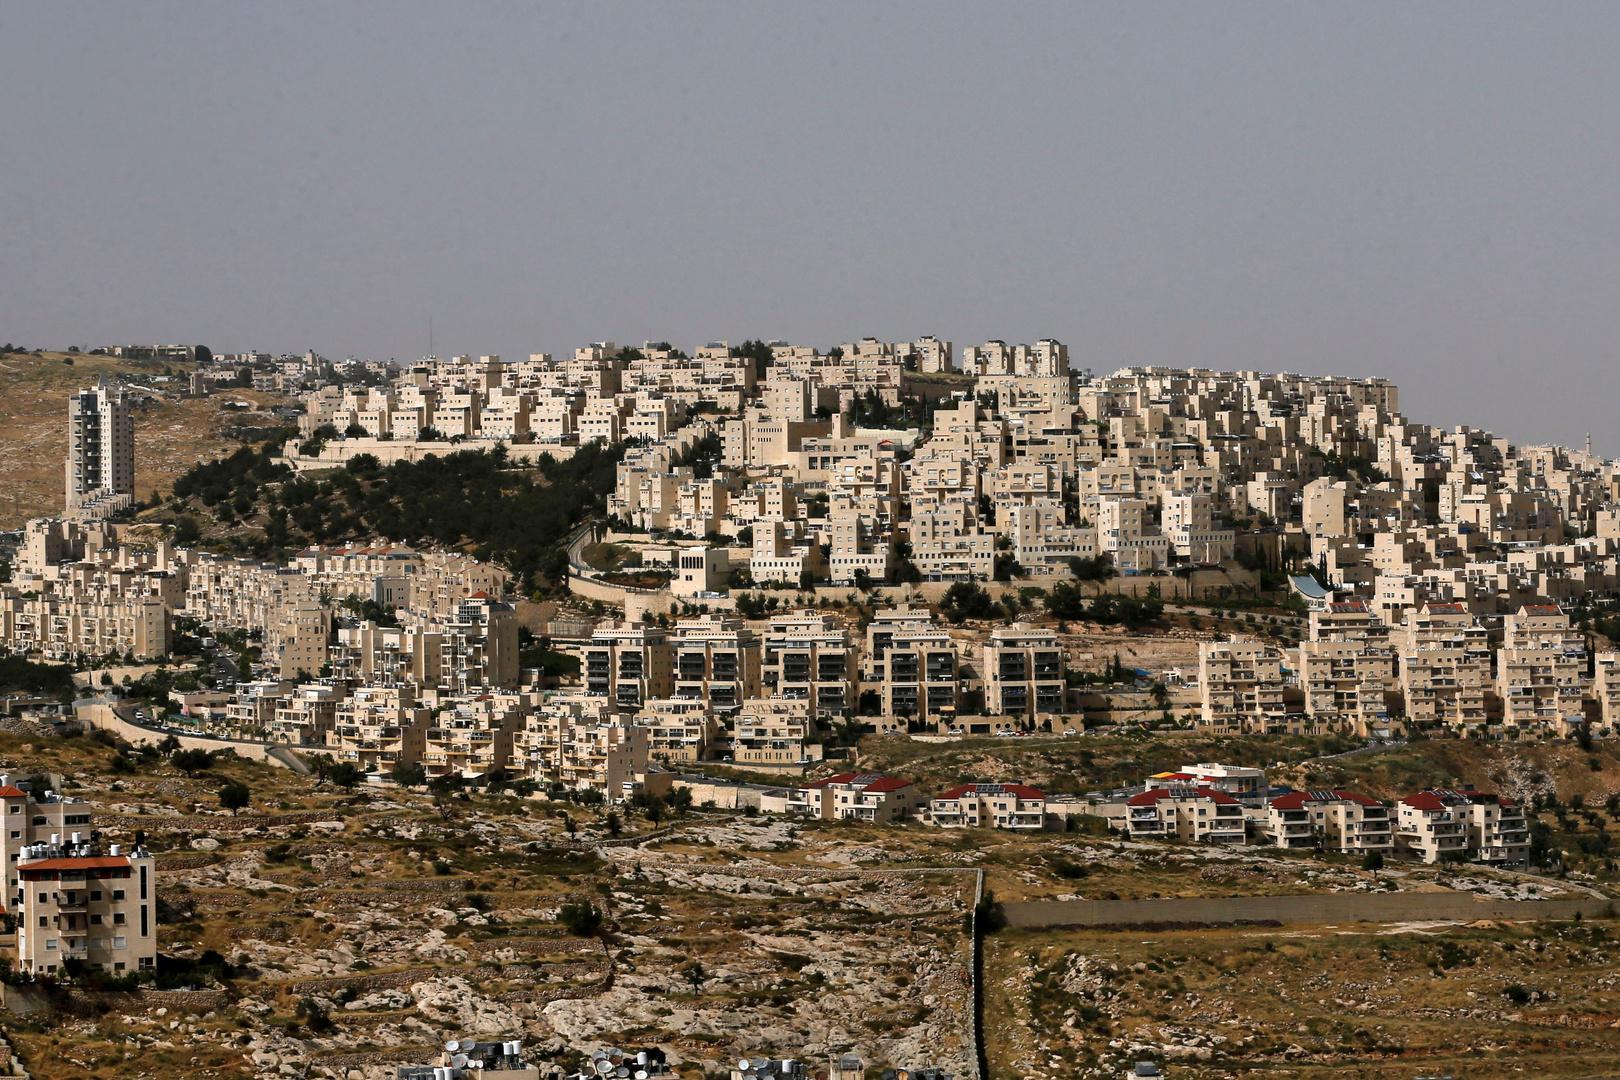 بعد أقل من شهر على اتفاقيتي التطبيع.. إسرائيل توافق على بناء وحدات استيطانية جديدة في الضفة